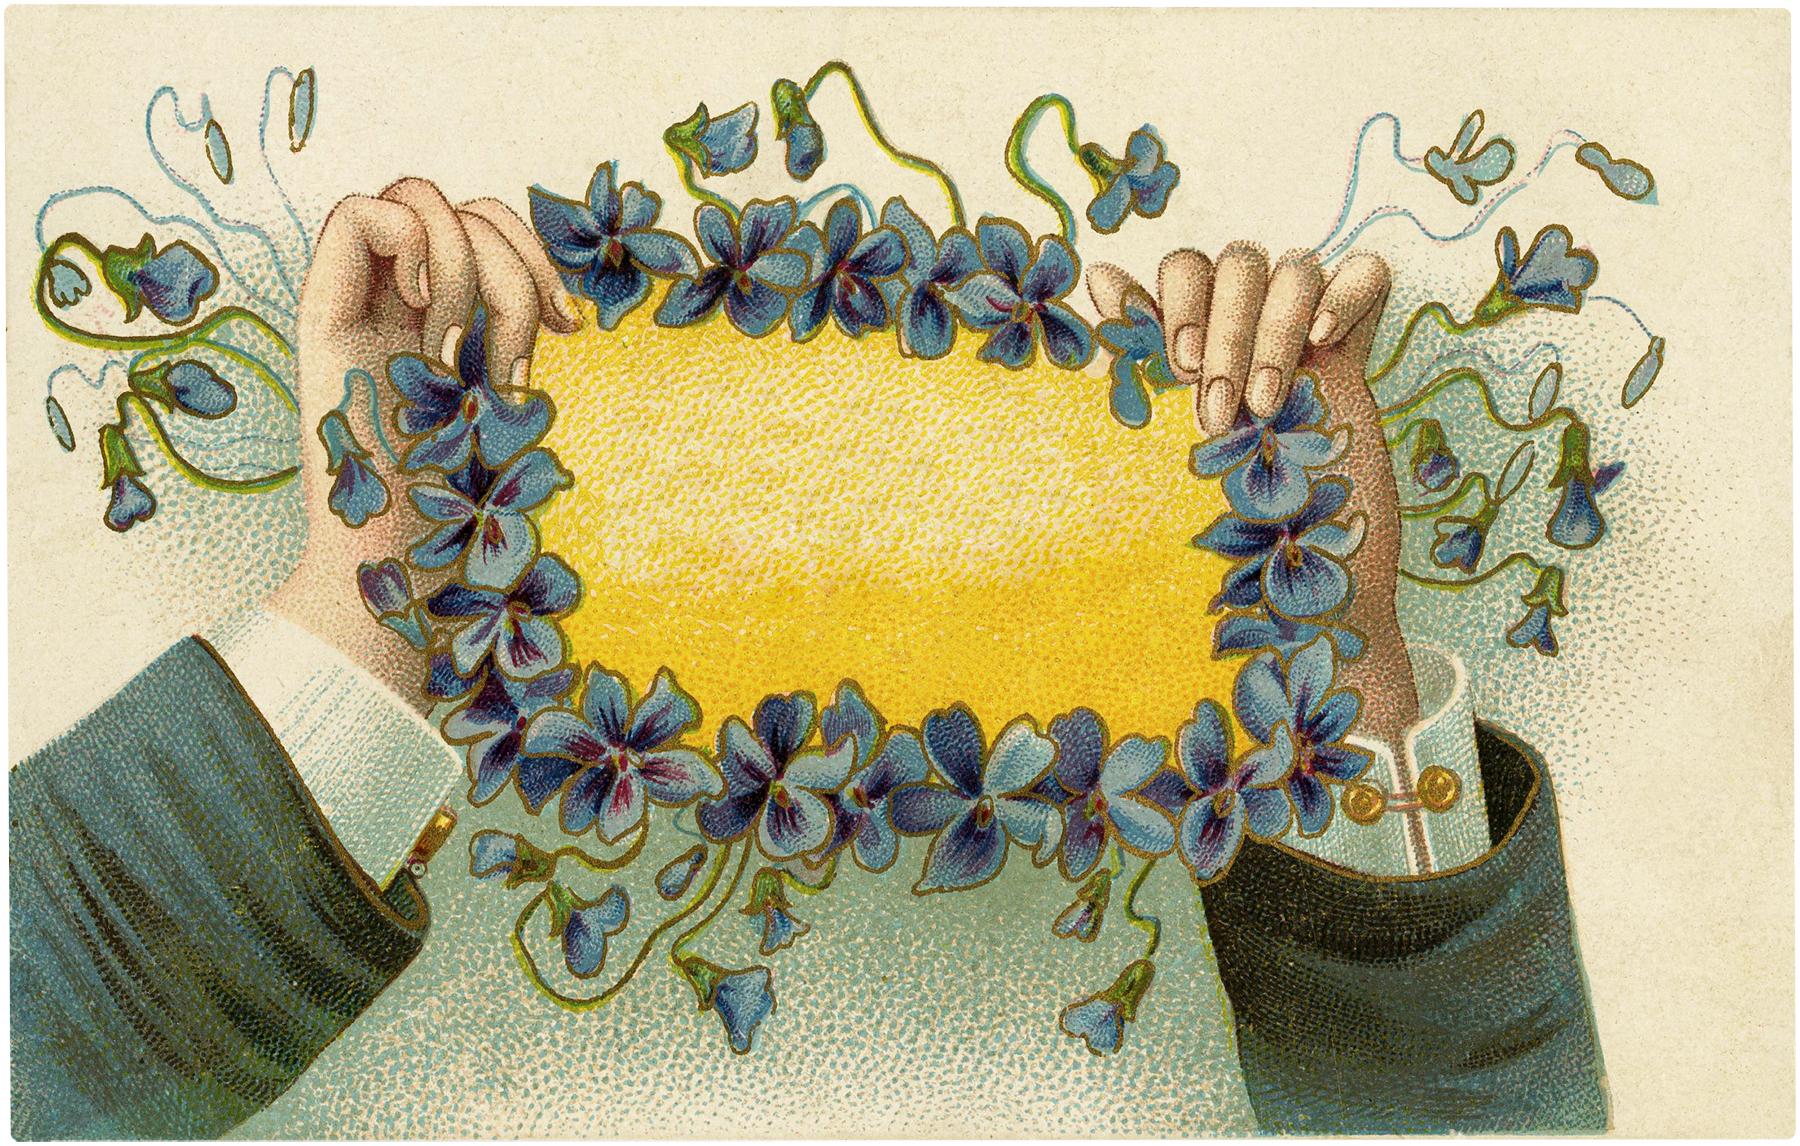 Hands Holding Floral Sign Image